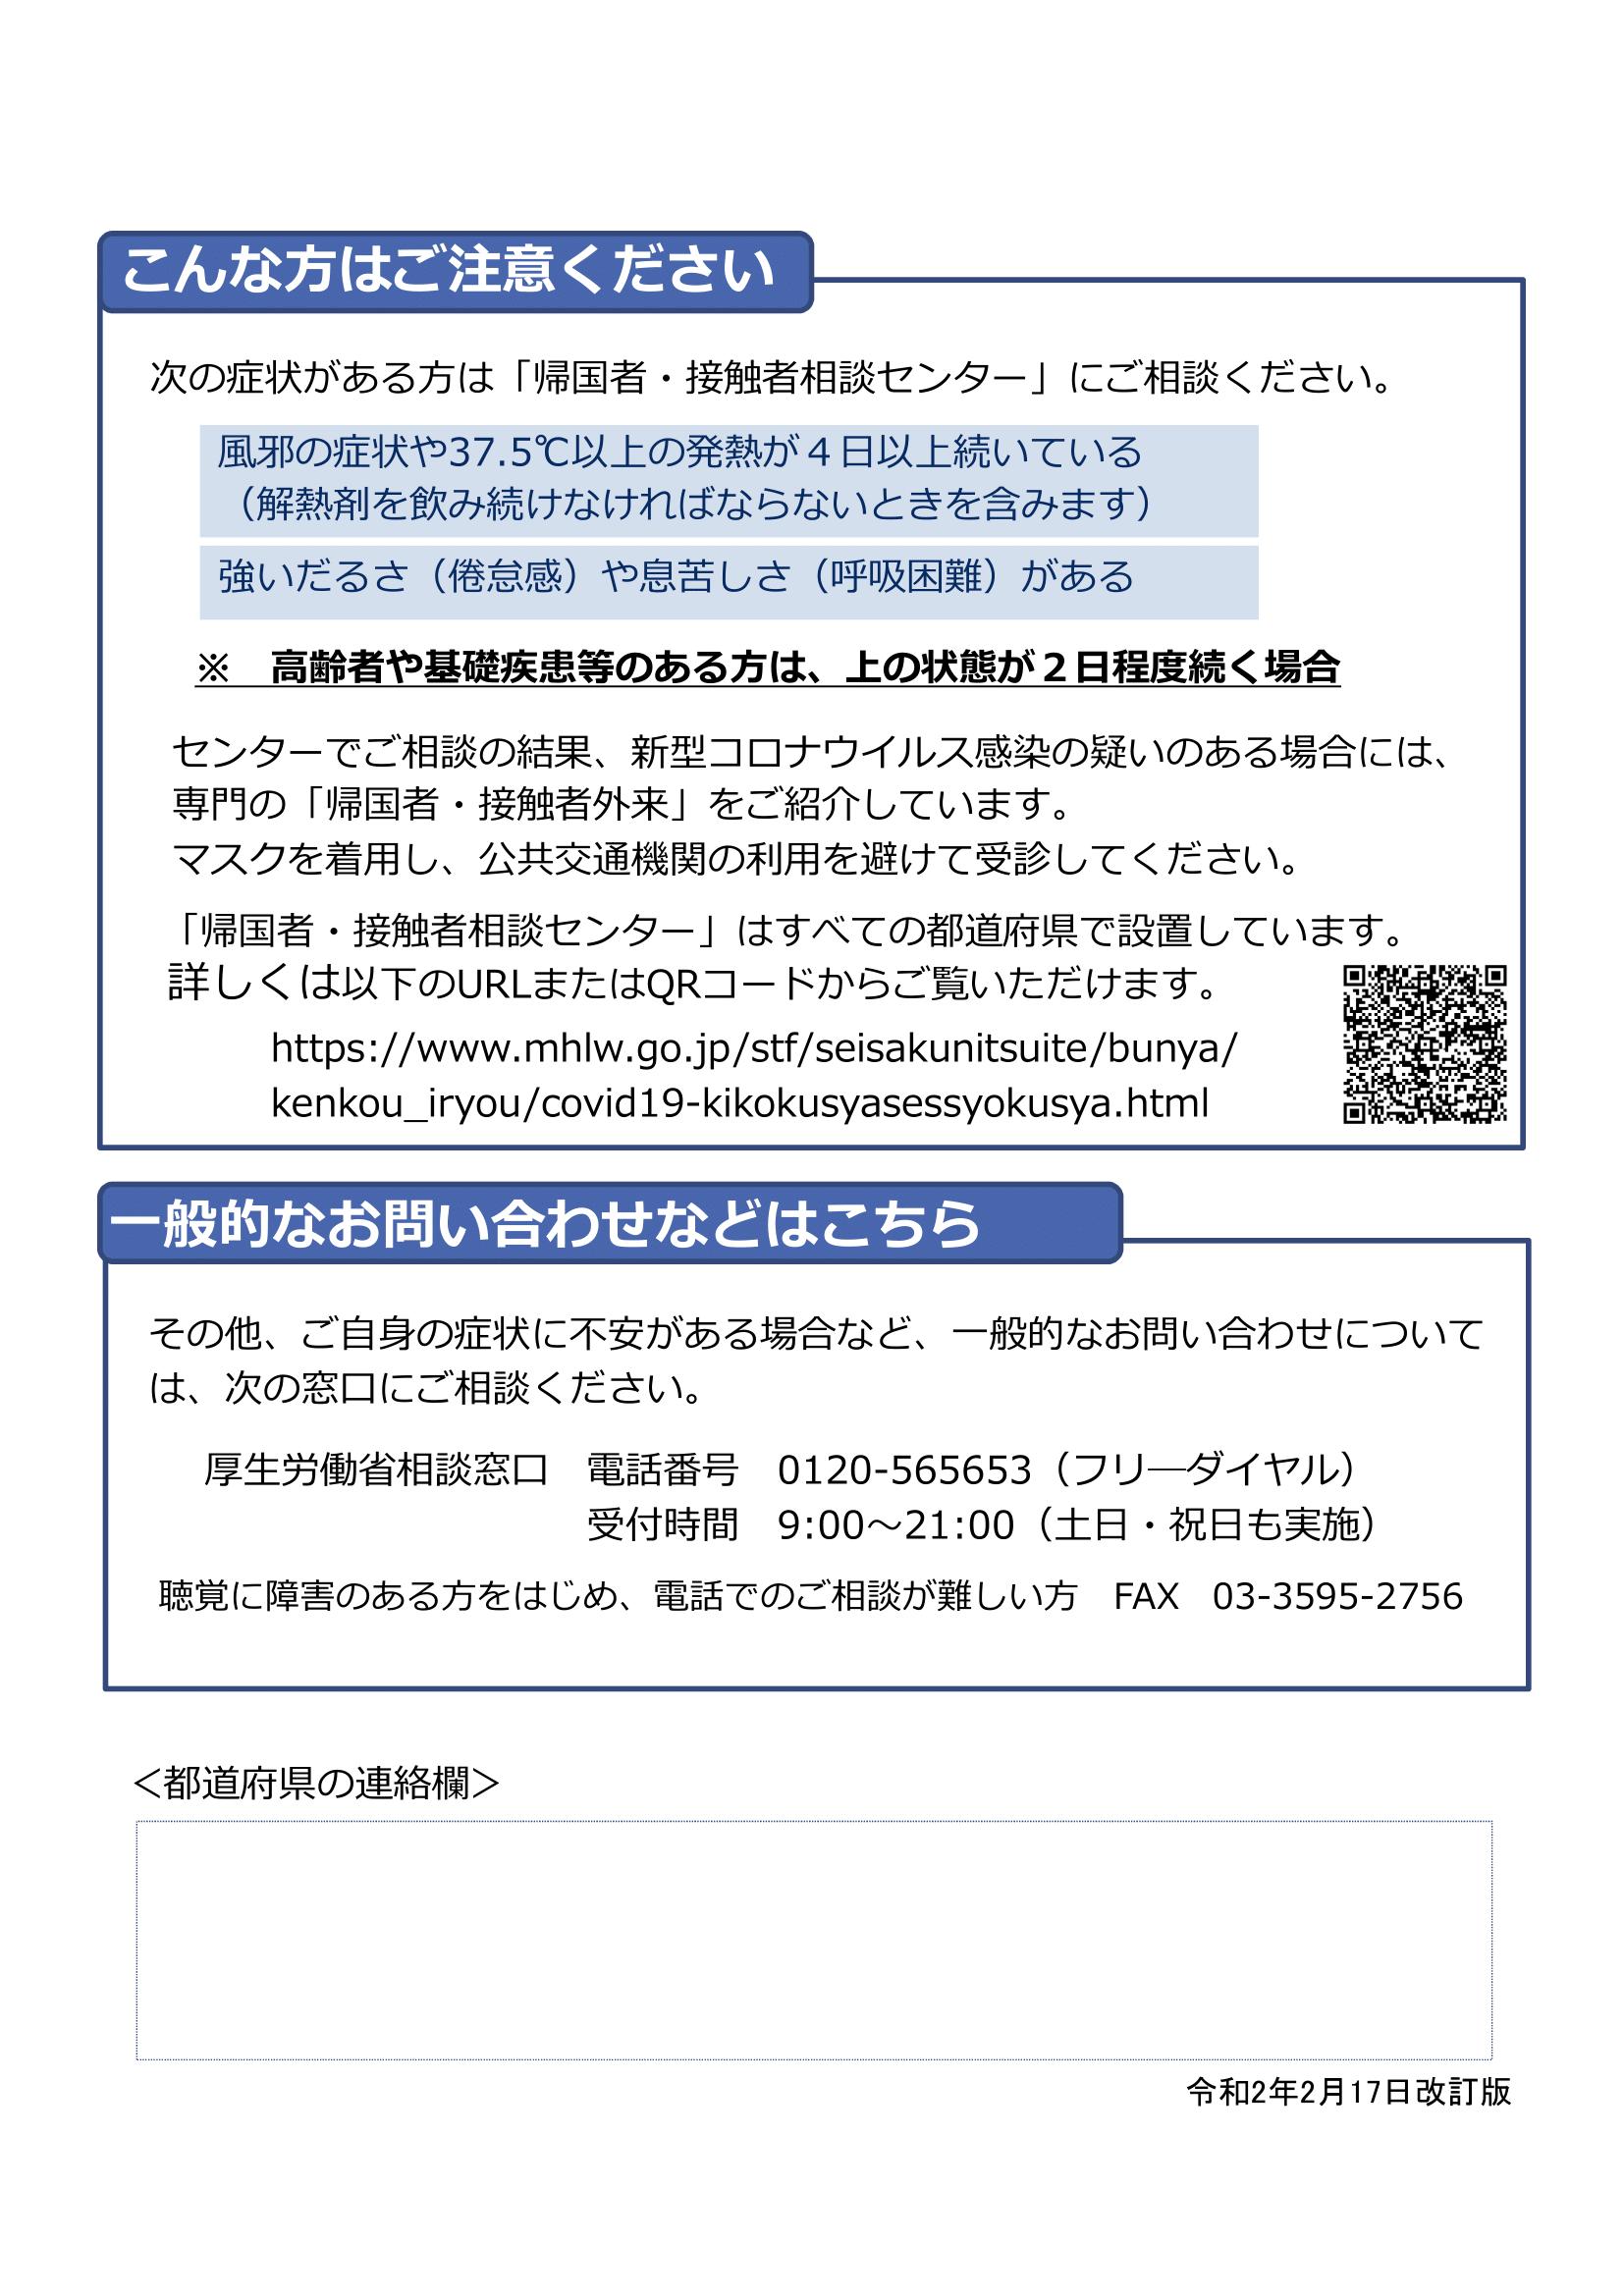 青森 県 コロナ ウイルス